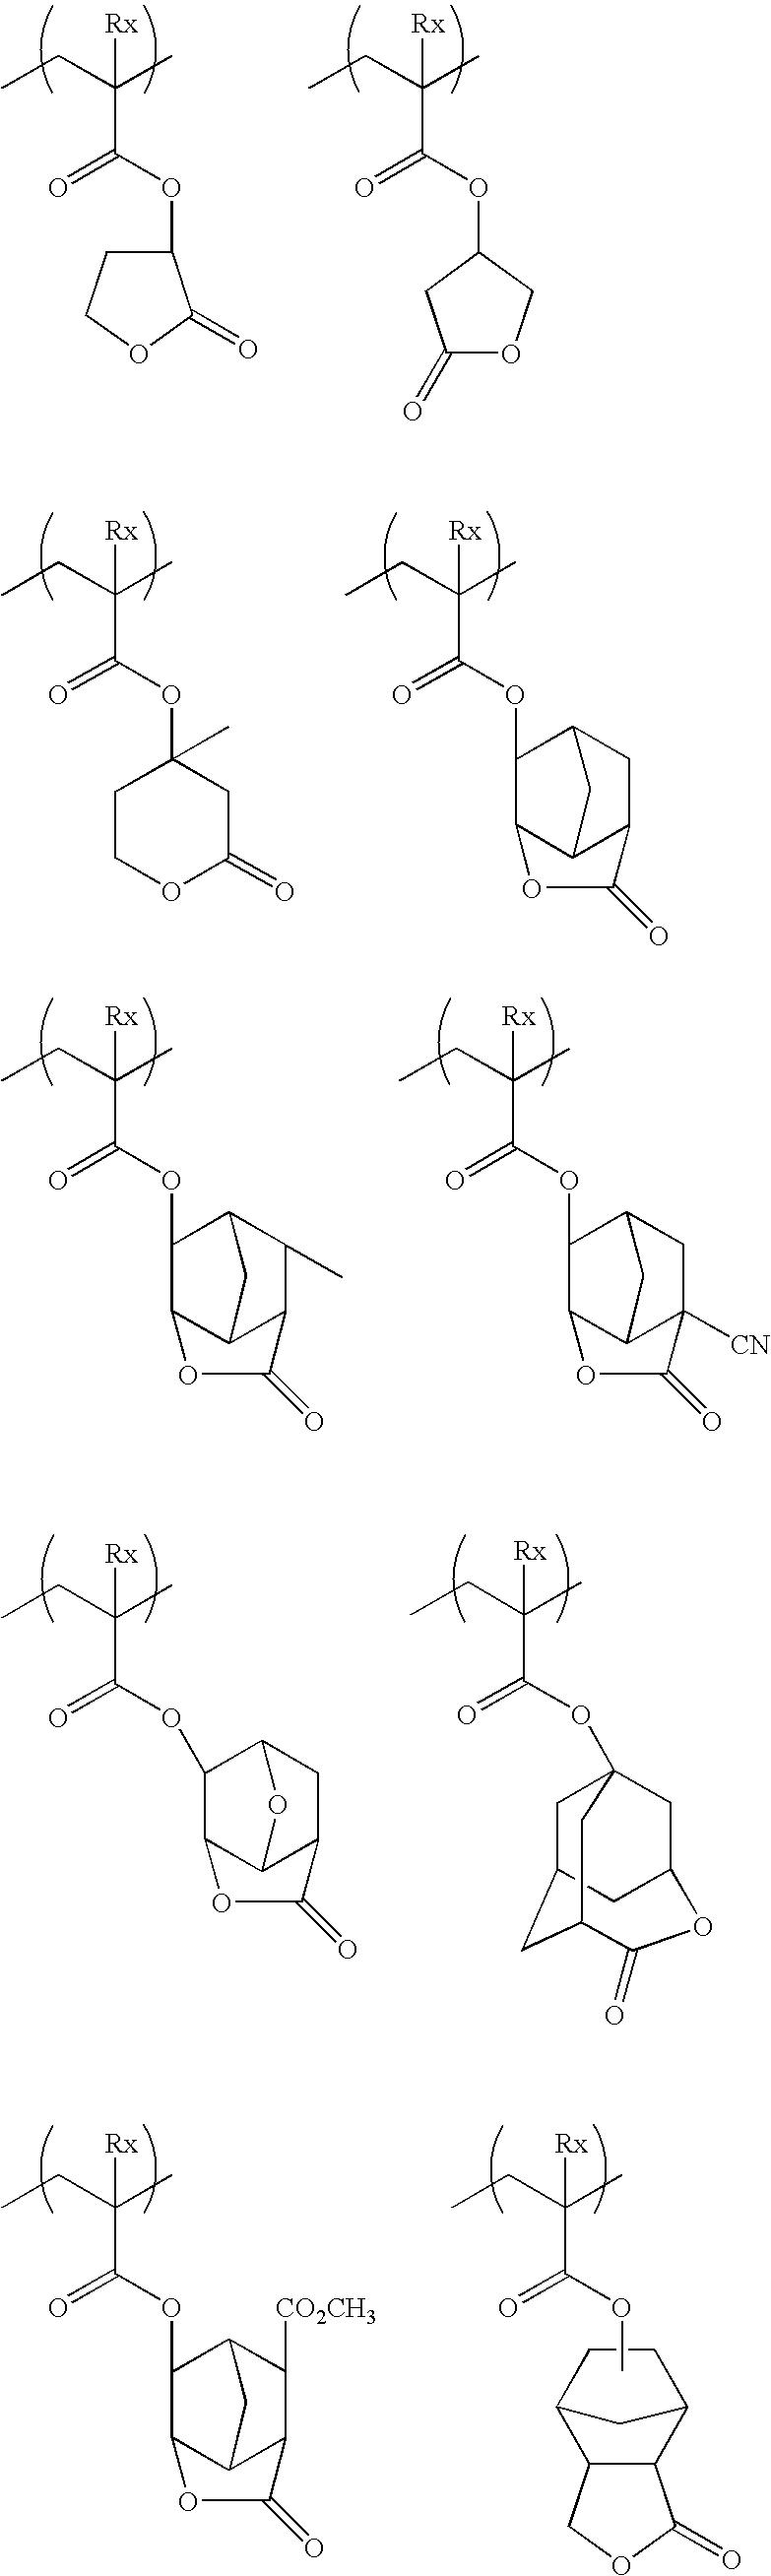 Figure US20100183975A1-20100722-C00133